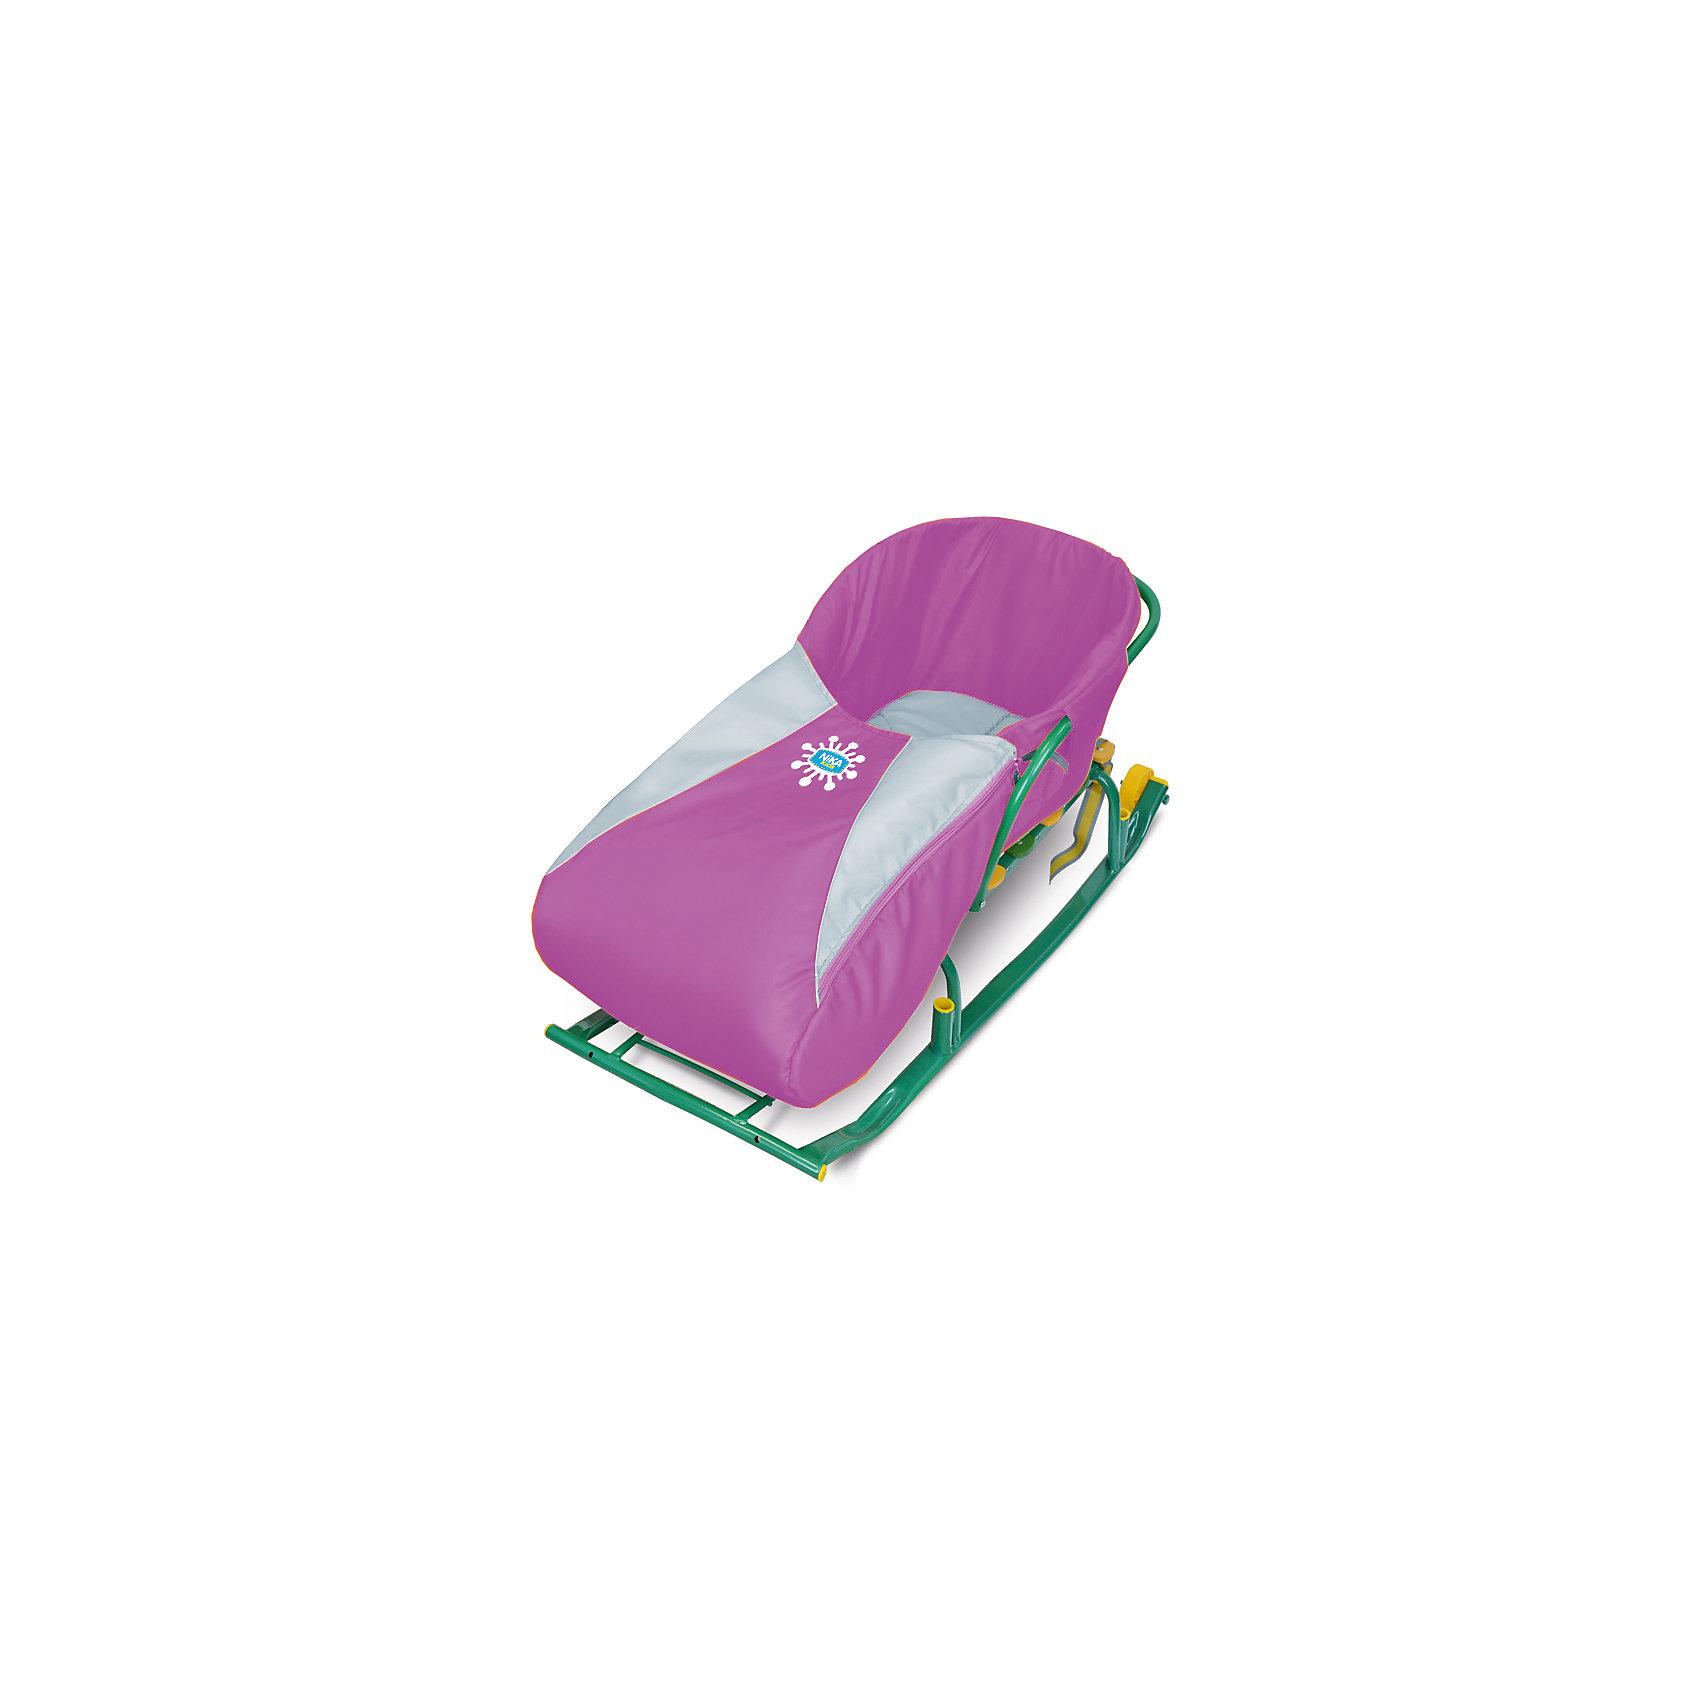 Сиденье с чехлом д/ног, НикаСиденье с чехлом для ног, Ника, обеспечит комфорт и удобство малыша во время зимних прогулок. Сиденье отлично подходит для всех санок Ника, а также для санок других производителей. Яркий и привлекательный дизайн обязательно понравится малышу. Сиденье выполнено из прочной влаго- и ветронепроницаемой ткани, внутренний утеплитель - синтепон не даст ребенку замерзнуть. Имеется удобная застежка-молния и светоотражающий кант. Чехол для ног отстегивается. Сиденье прочно крепится к санкам с помощью липучек.<br><br>Дополнительная информация:<br><br>- Цвет: розовый.<br>- Материал: ткань оксфорд, синтепон.<br>- Размер сиденья: 70 х 22 х 30 см.<br>- Вес: 0,4 кг.<br><br>Сиденье с чехлом д/ног, розовый, Ника, можно купить в нашем интернет-магазине.<br><br>Ширина мм: 690<br>Глубина мм: 380<br>Высота мм: 300<br>Вес г: 375<br>Возраст от месяцев: 12<br>Возраст до месяцев: 60<br>Пол: Женский<br>Возраст: Детский<br>SKU: 4317138